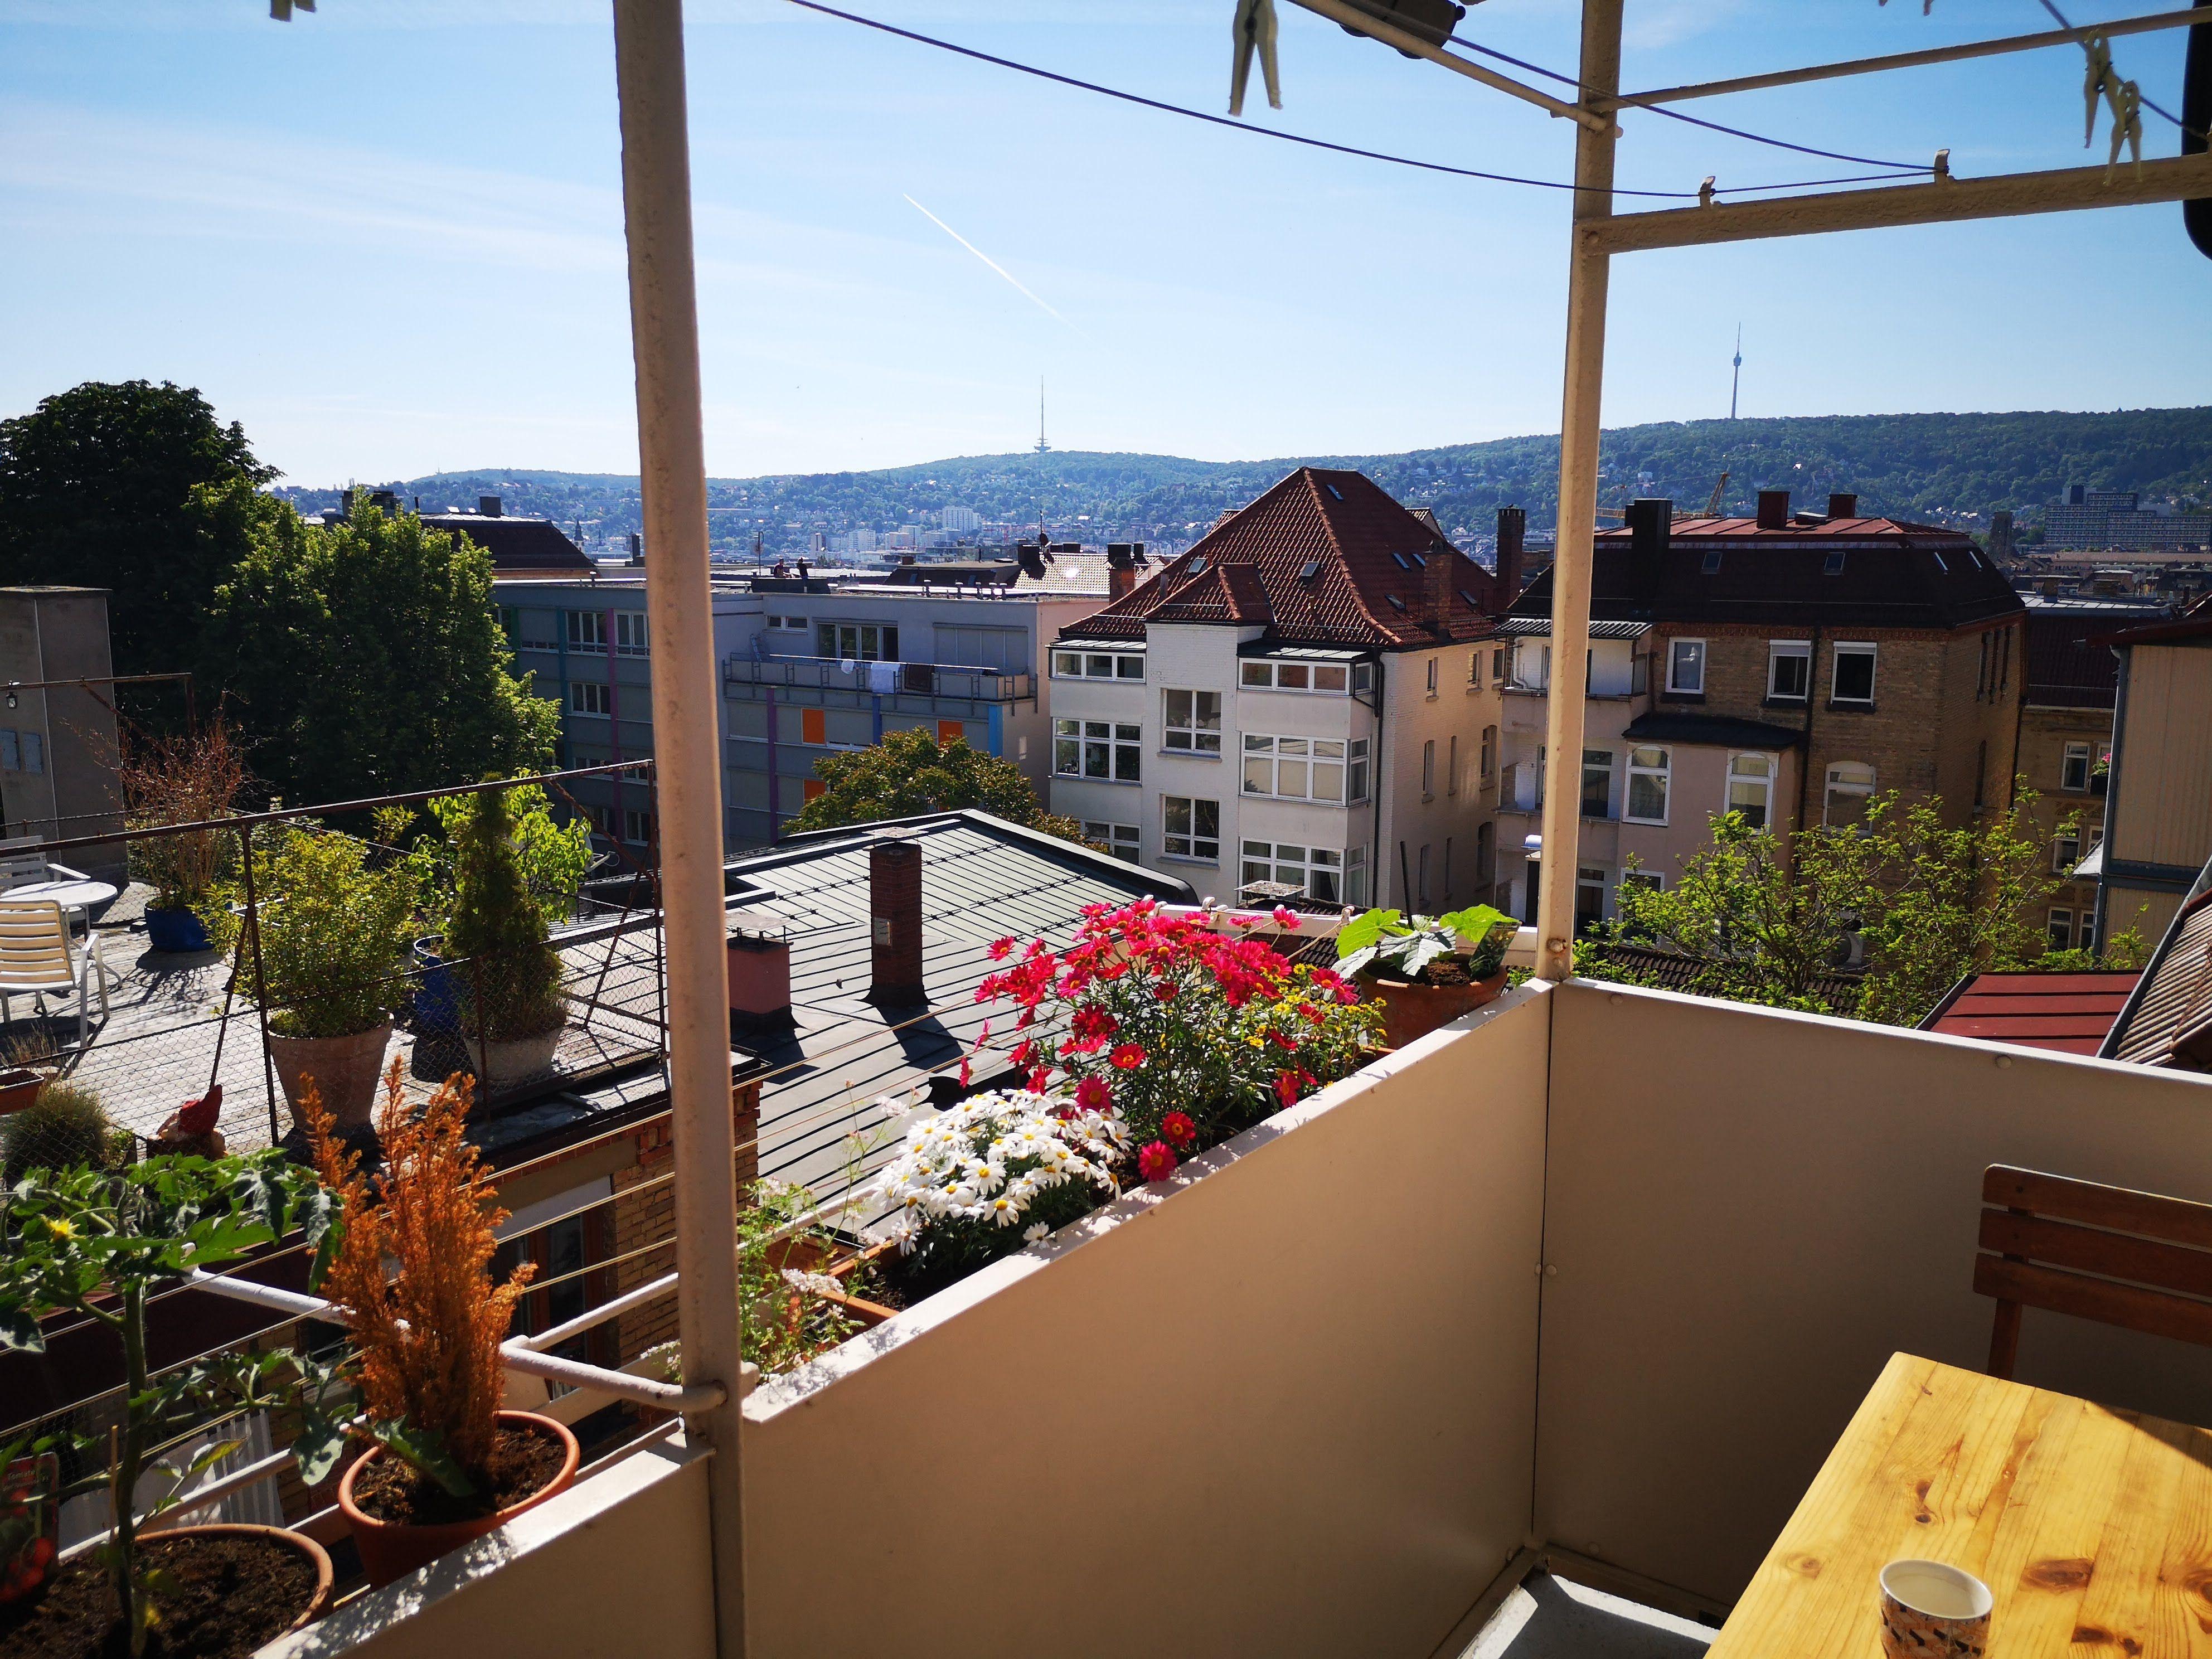 Schoner Kesselblick Im Stuttgarter Westen Altbau Moderne Bader Balkon Pflanzen